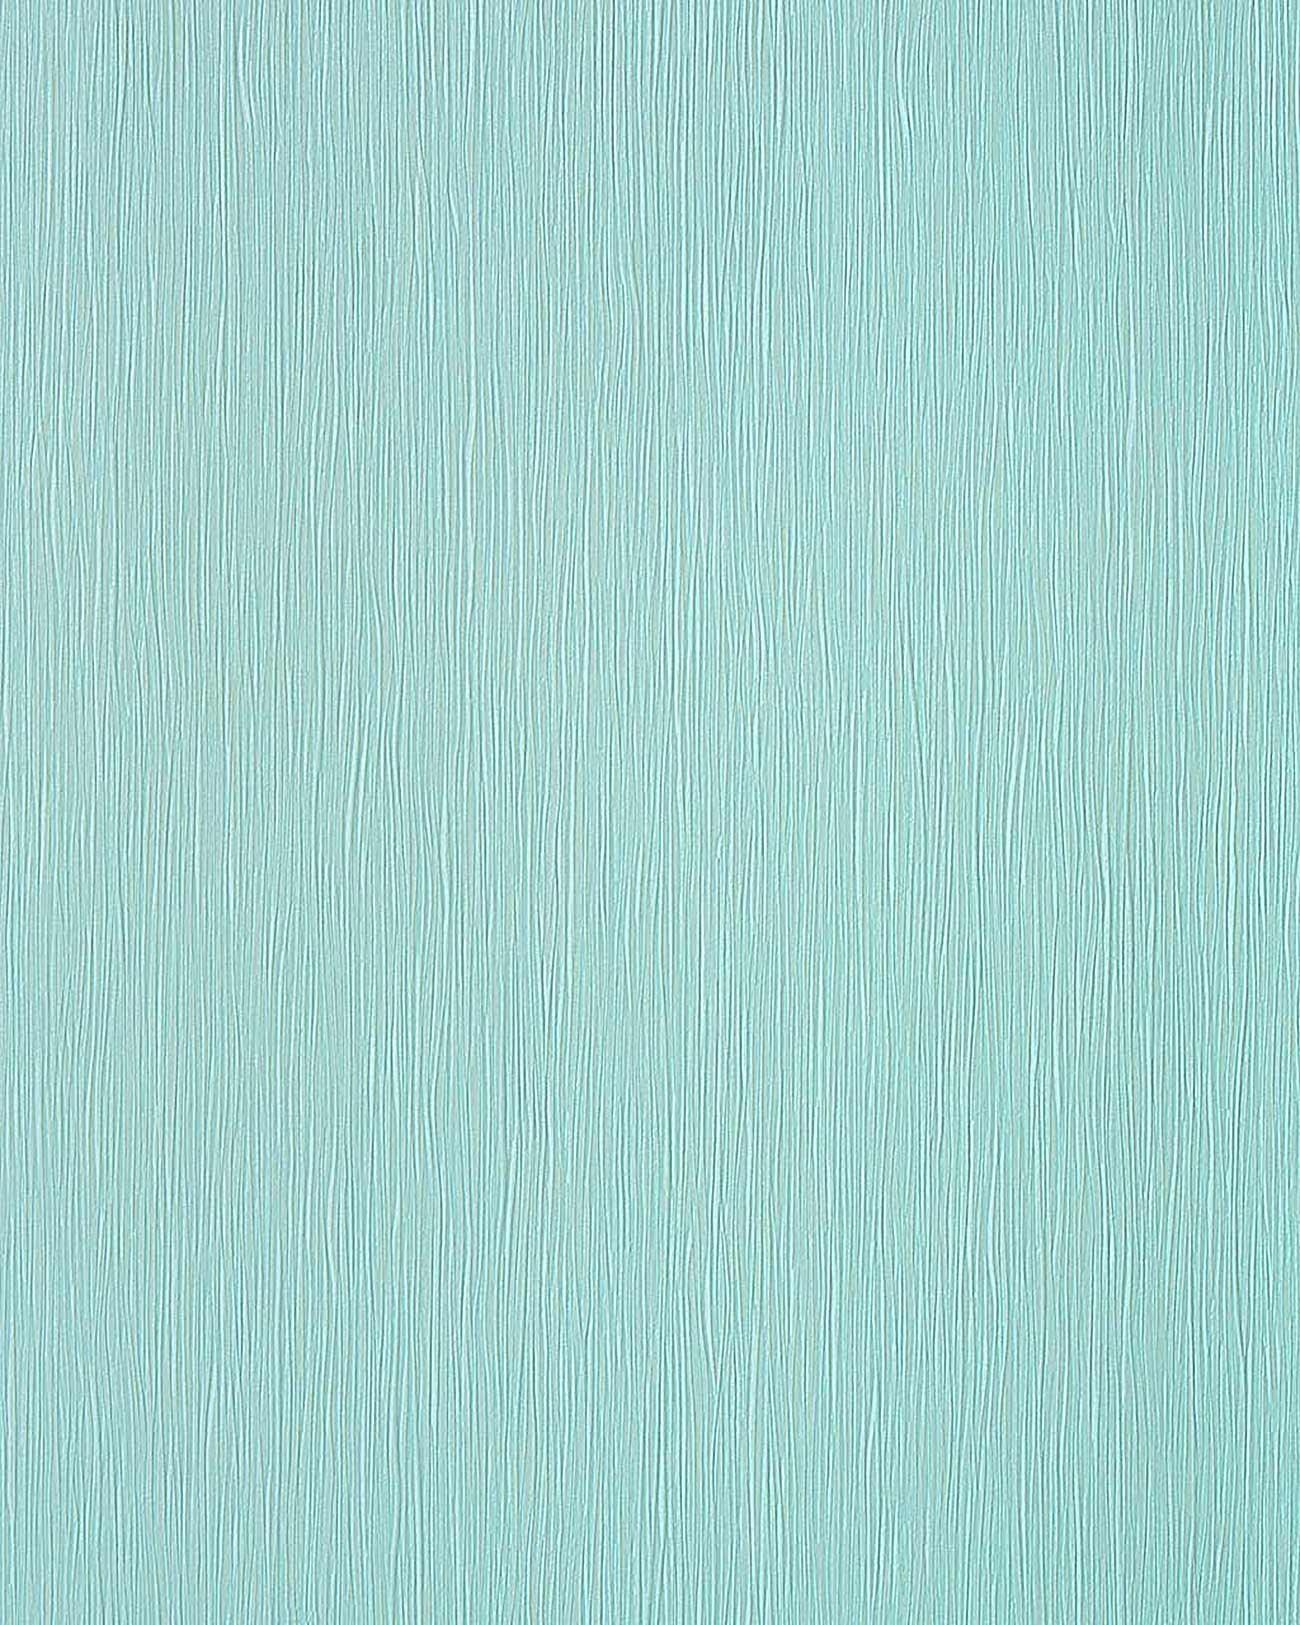 effen behang edem 118 26 turquois vinyl behang licht turkoois met